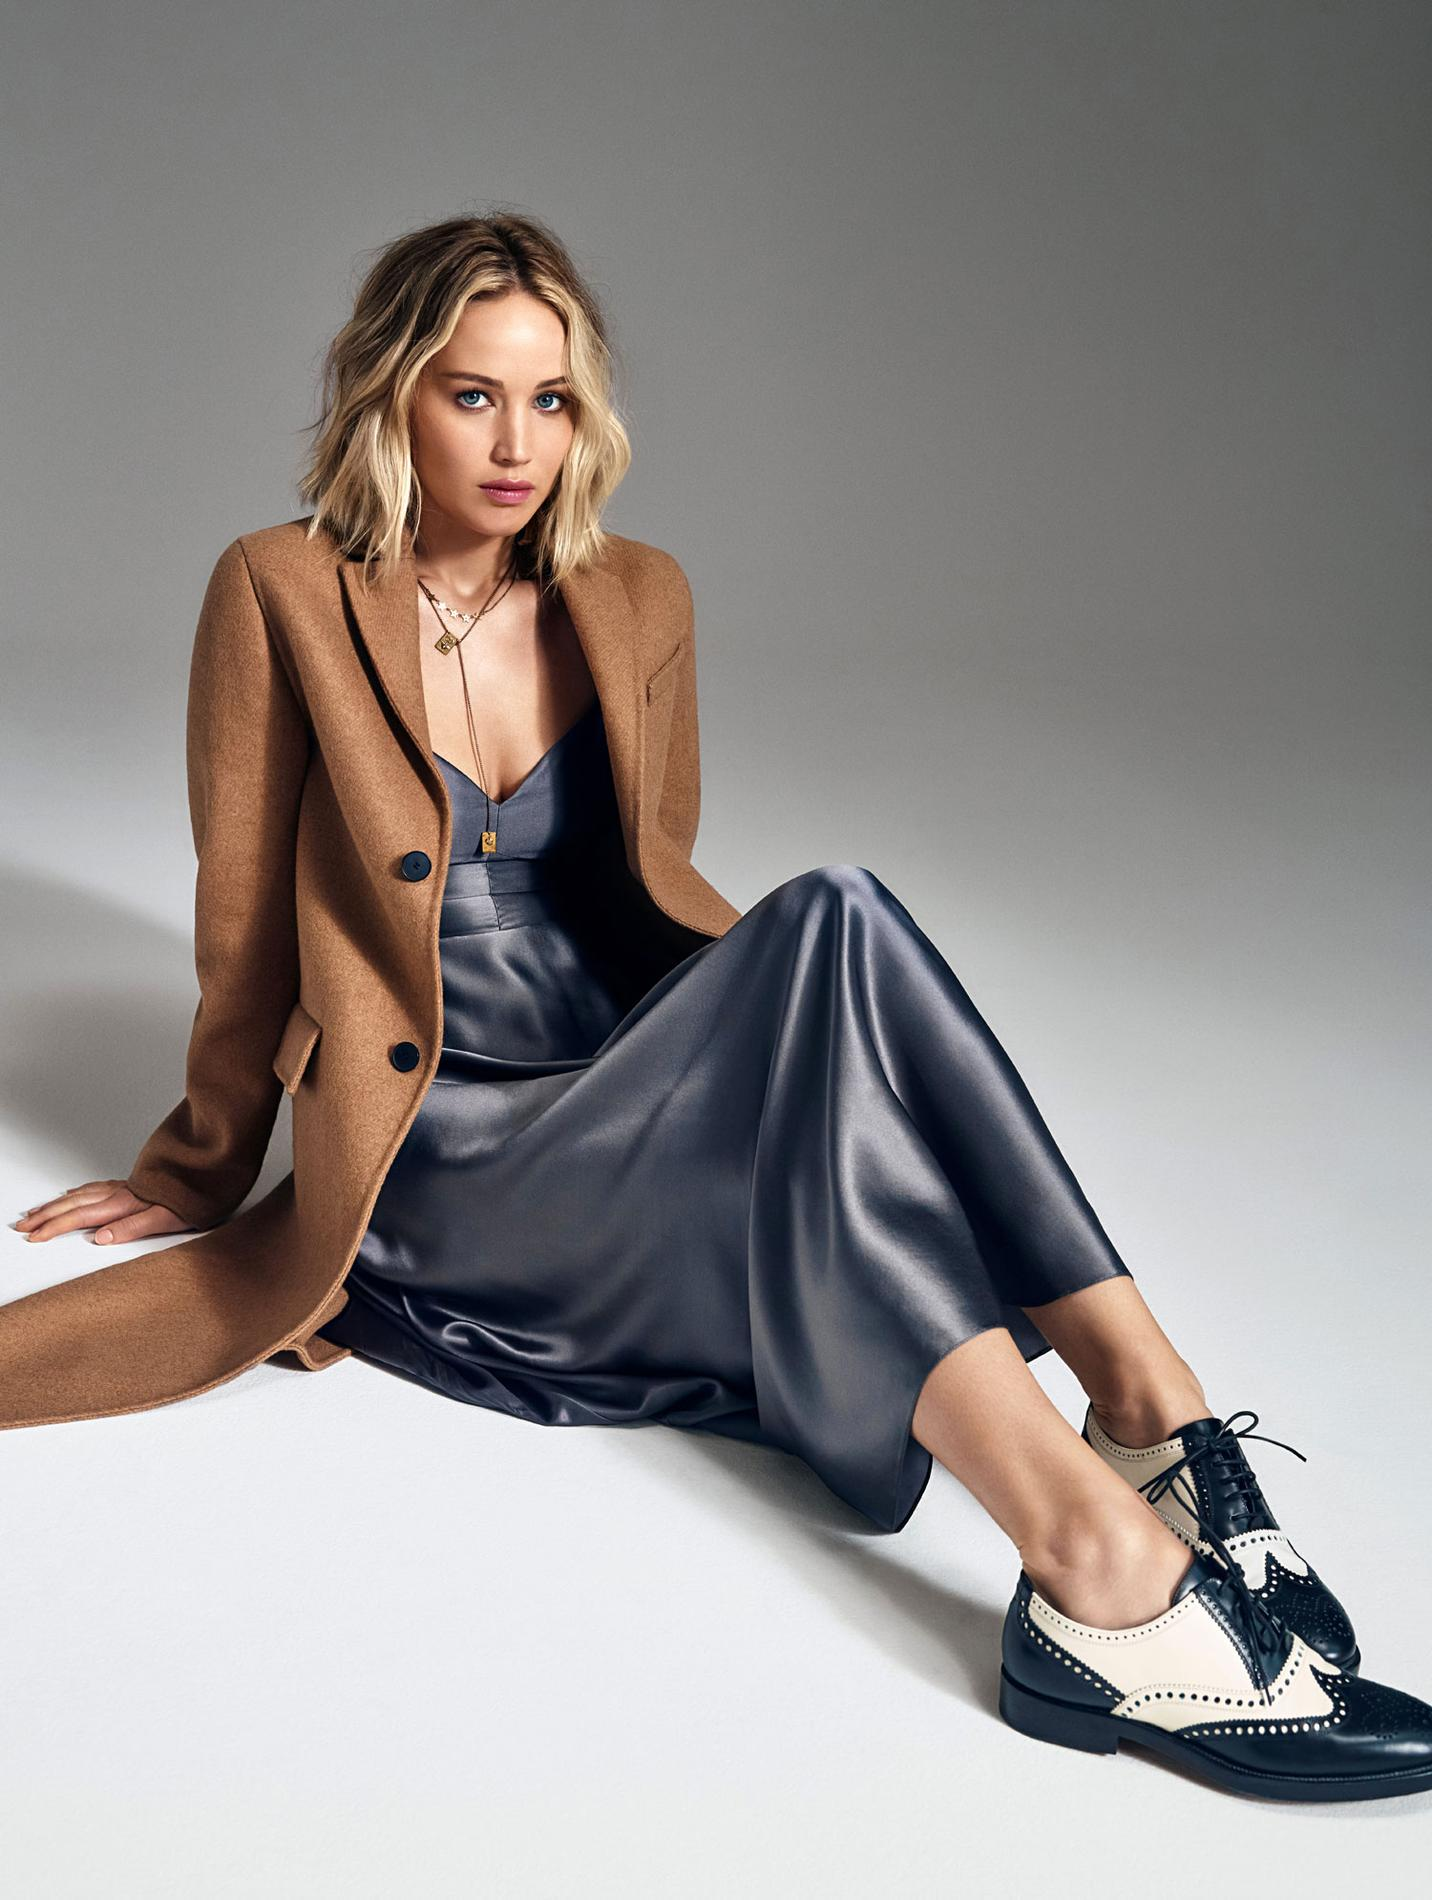 22cb23c44dfee Jennifer Lawrence, égérie du parfum Joy de Dior, est mise en beauté avec  les produits Dior. Vêtements et accessoires, Dior.